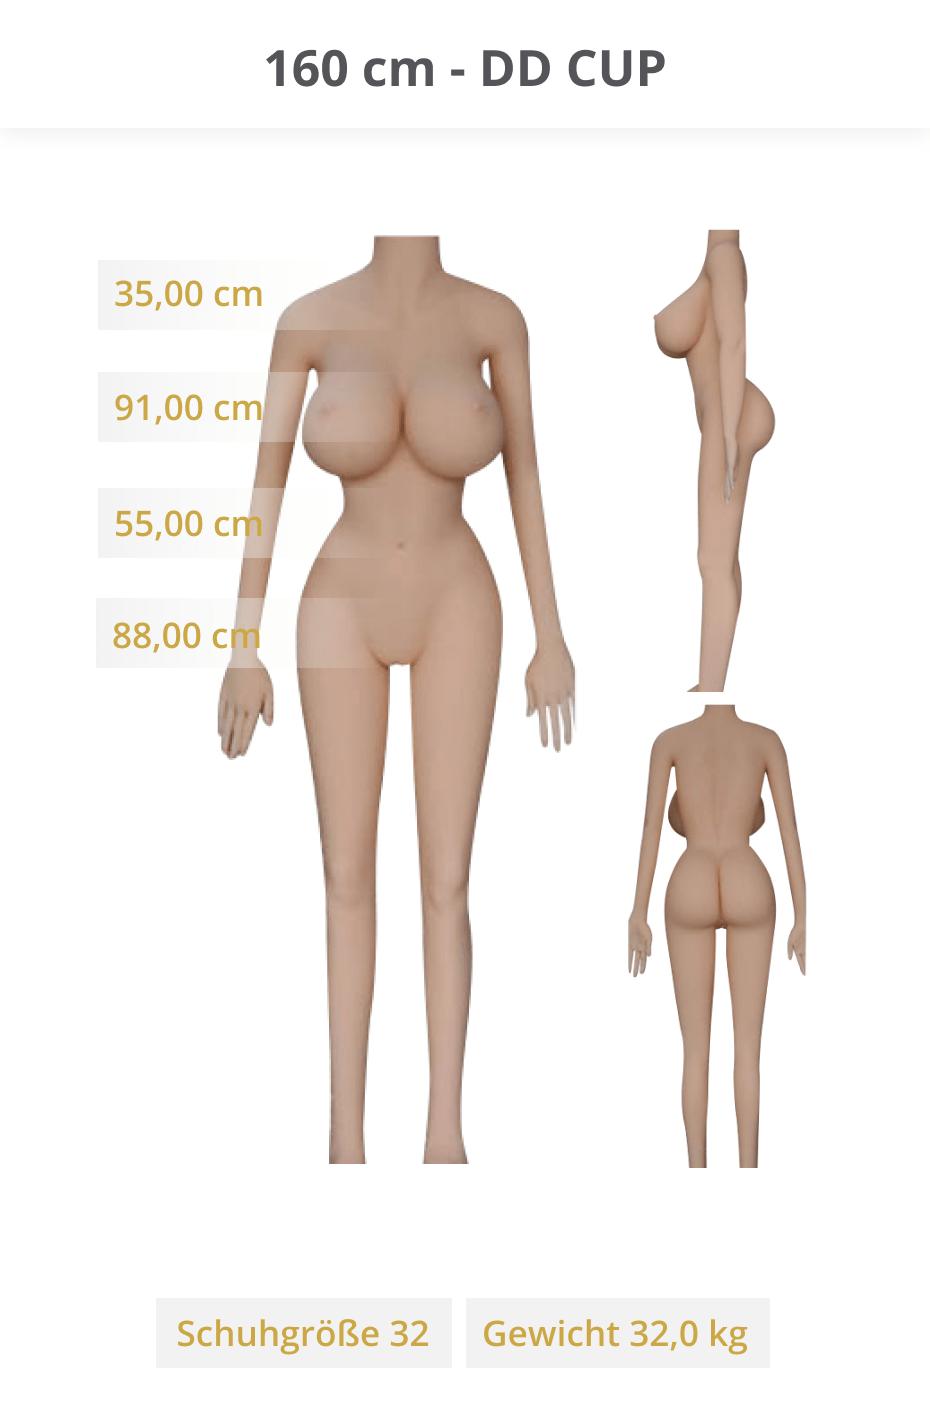 JY-Doll-160cm-DD-Cup